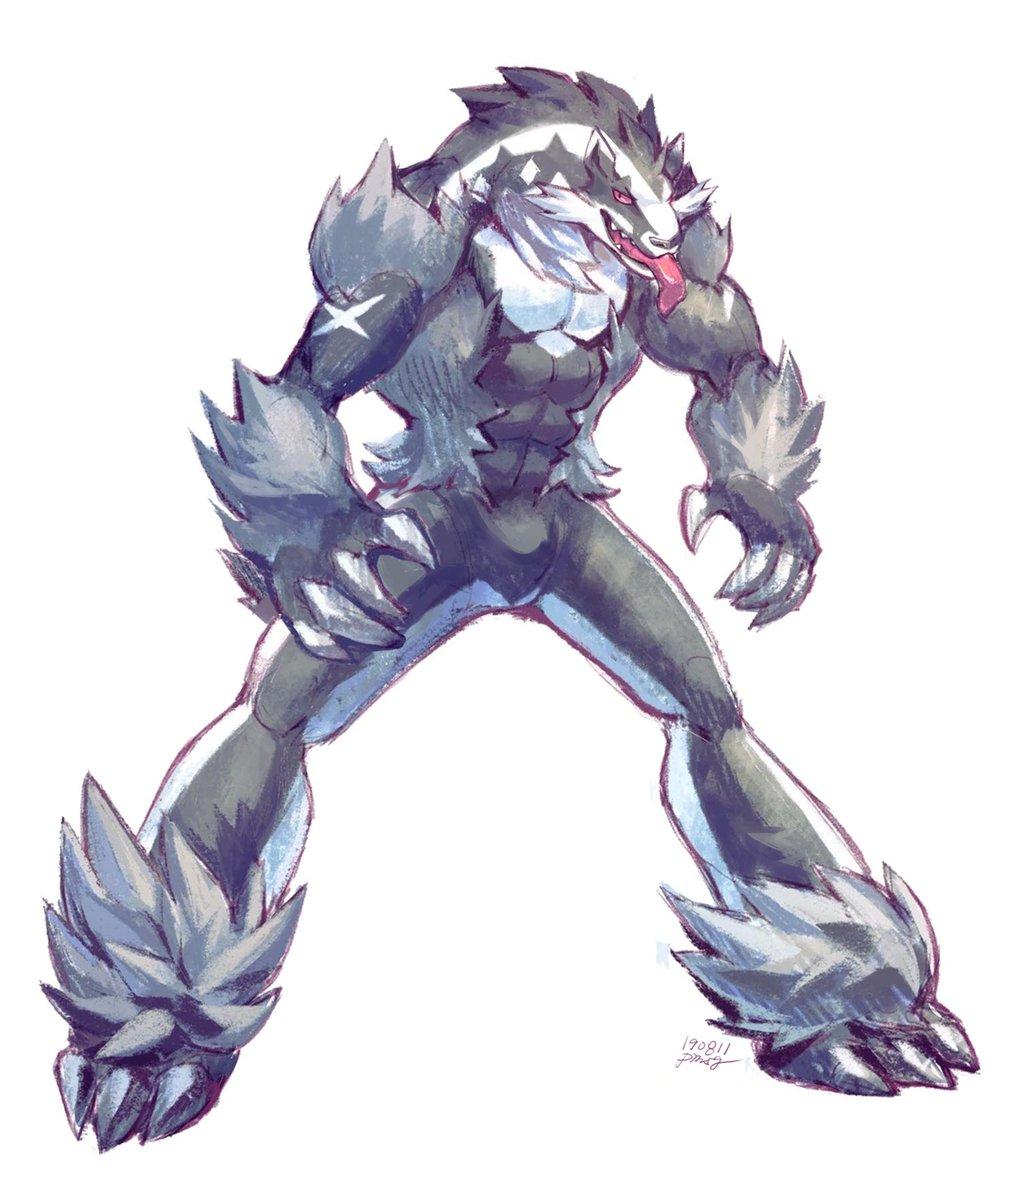 ポケモン 剣 盾 タチフサグマ